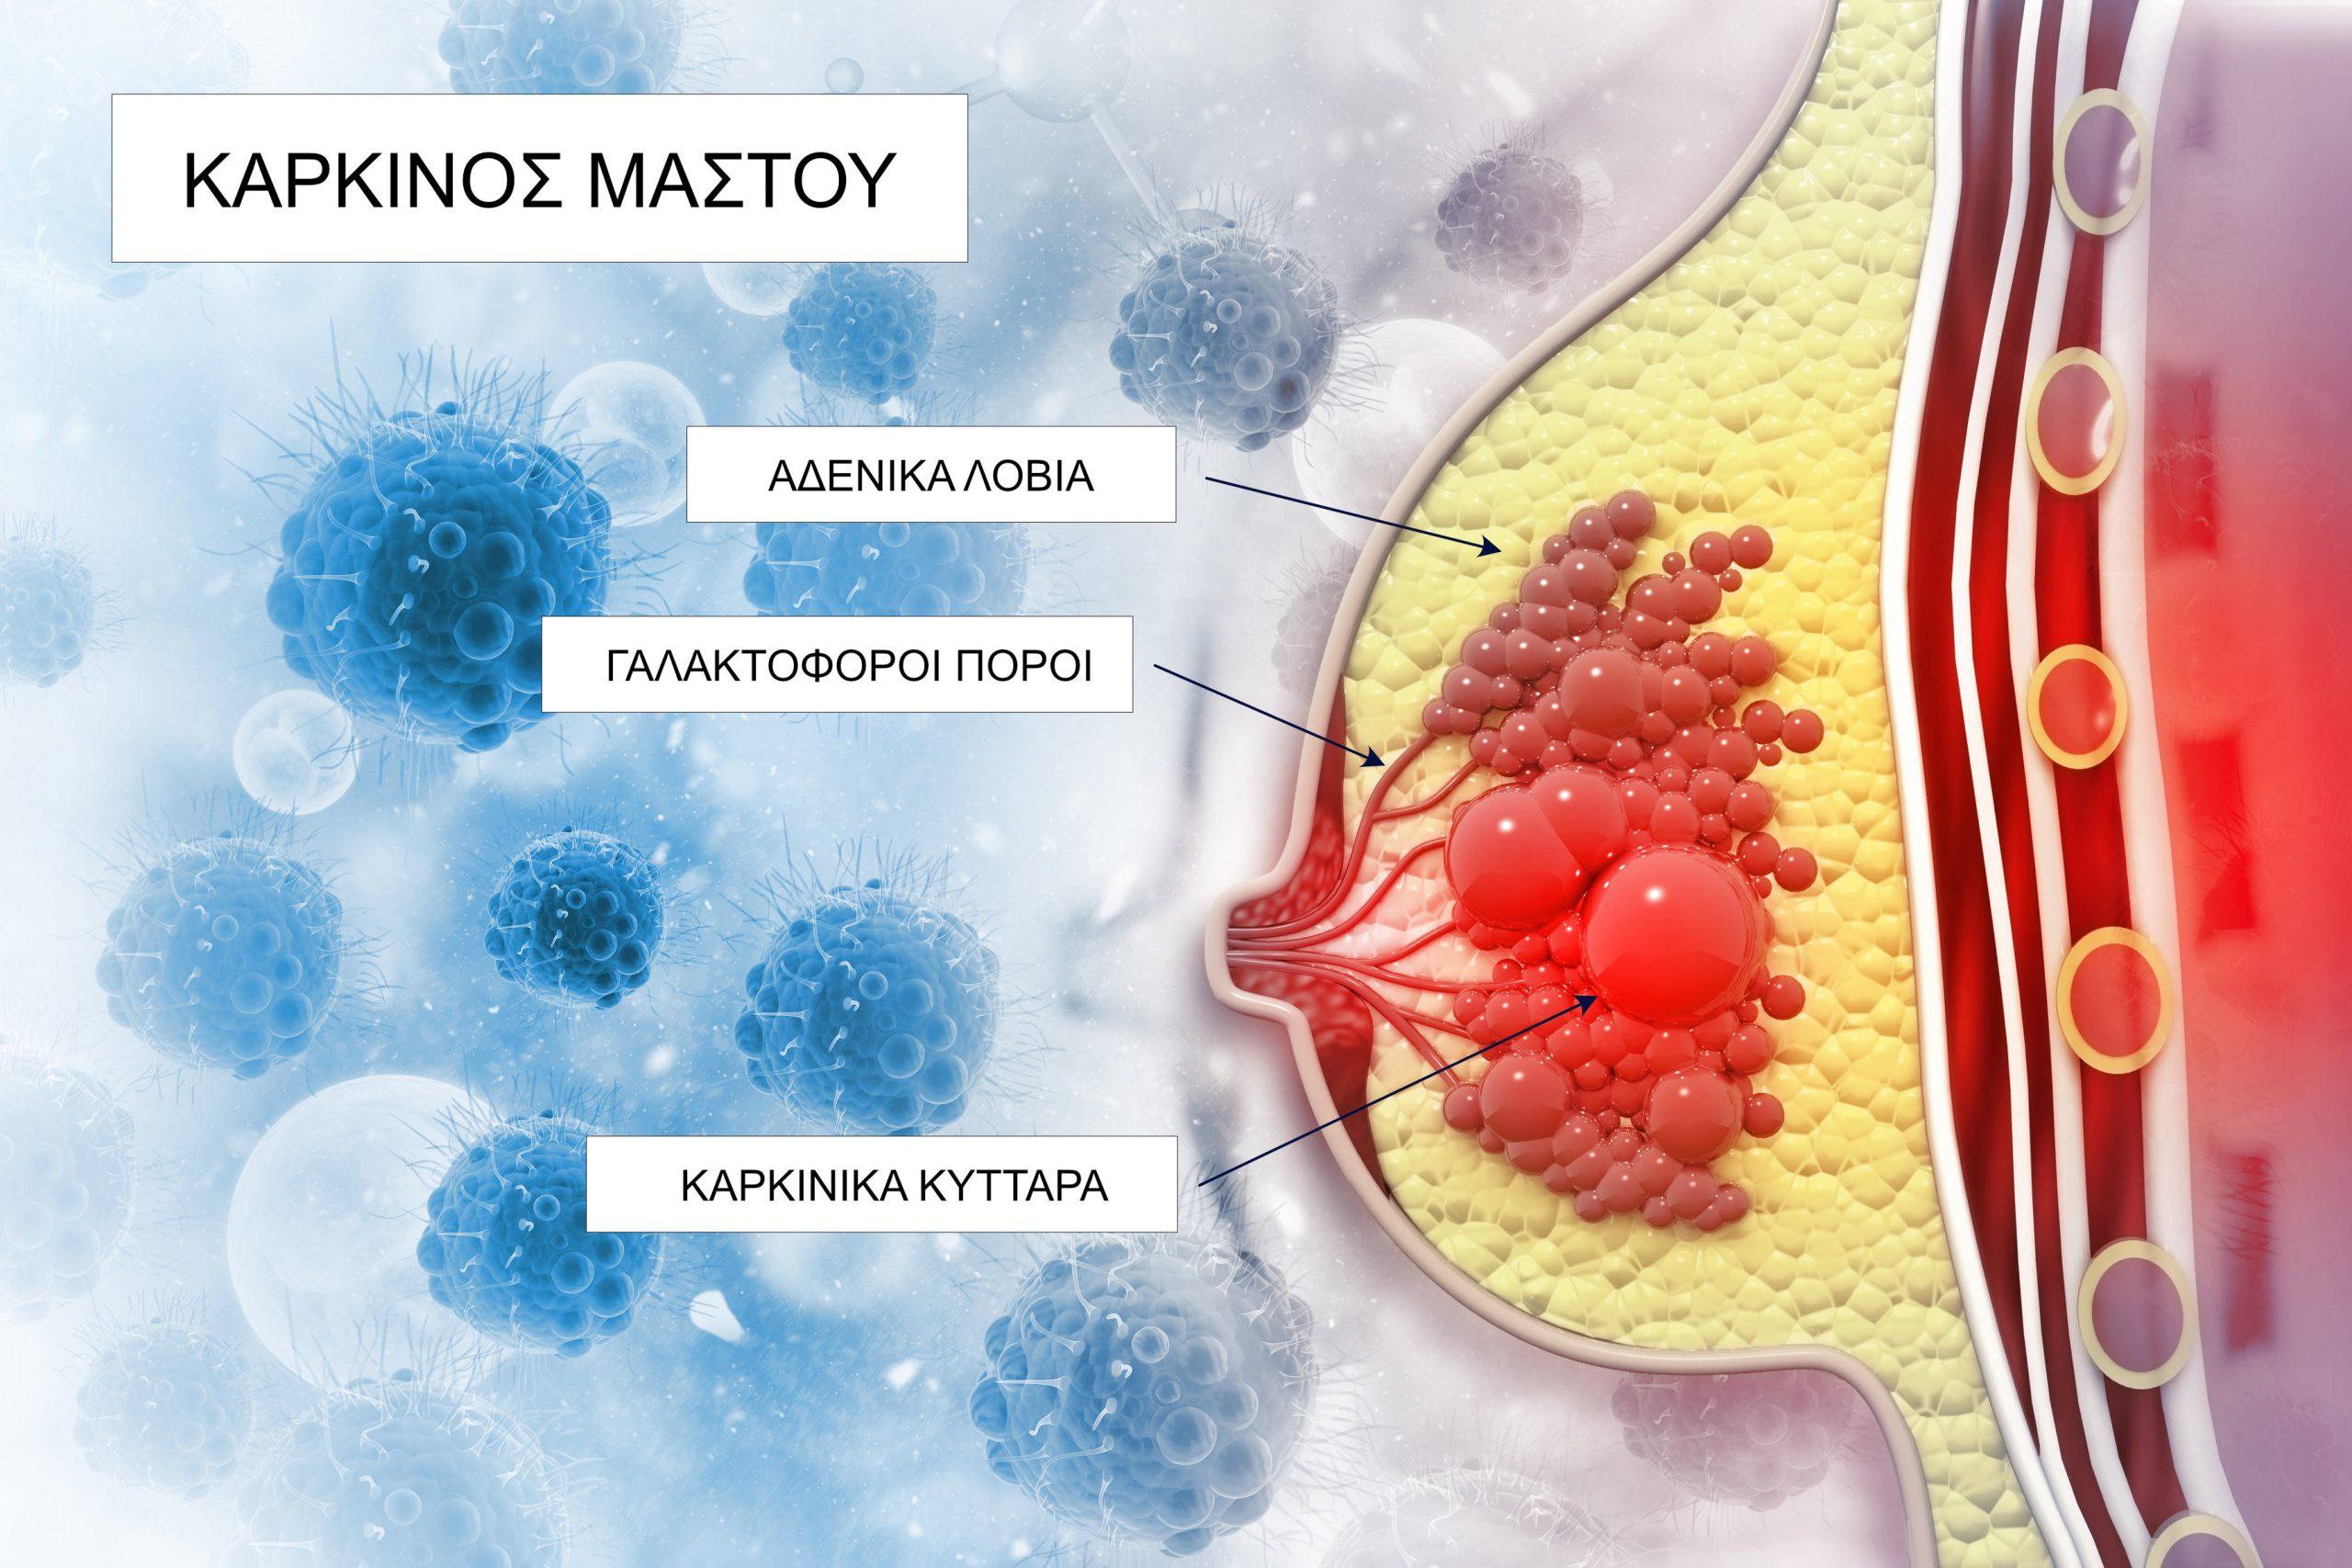 Καρκίνος μαστός όγκος: Οι ερευνητές αποδεικνύουν ότι η αρχιτεκτονική των ιστών ρυθμίζει την εξέλιξη του όγκου